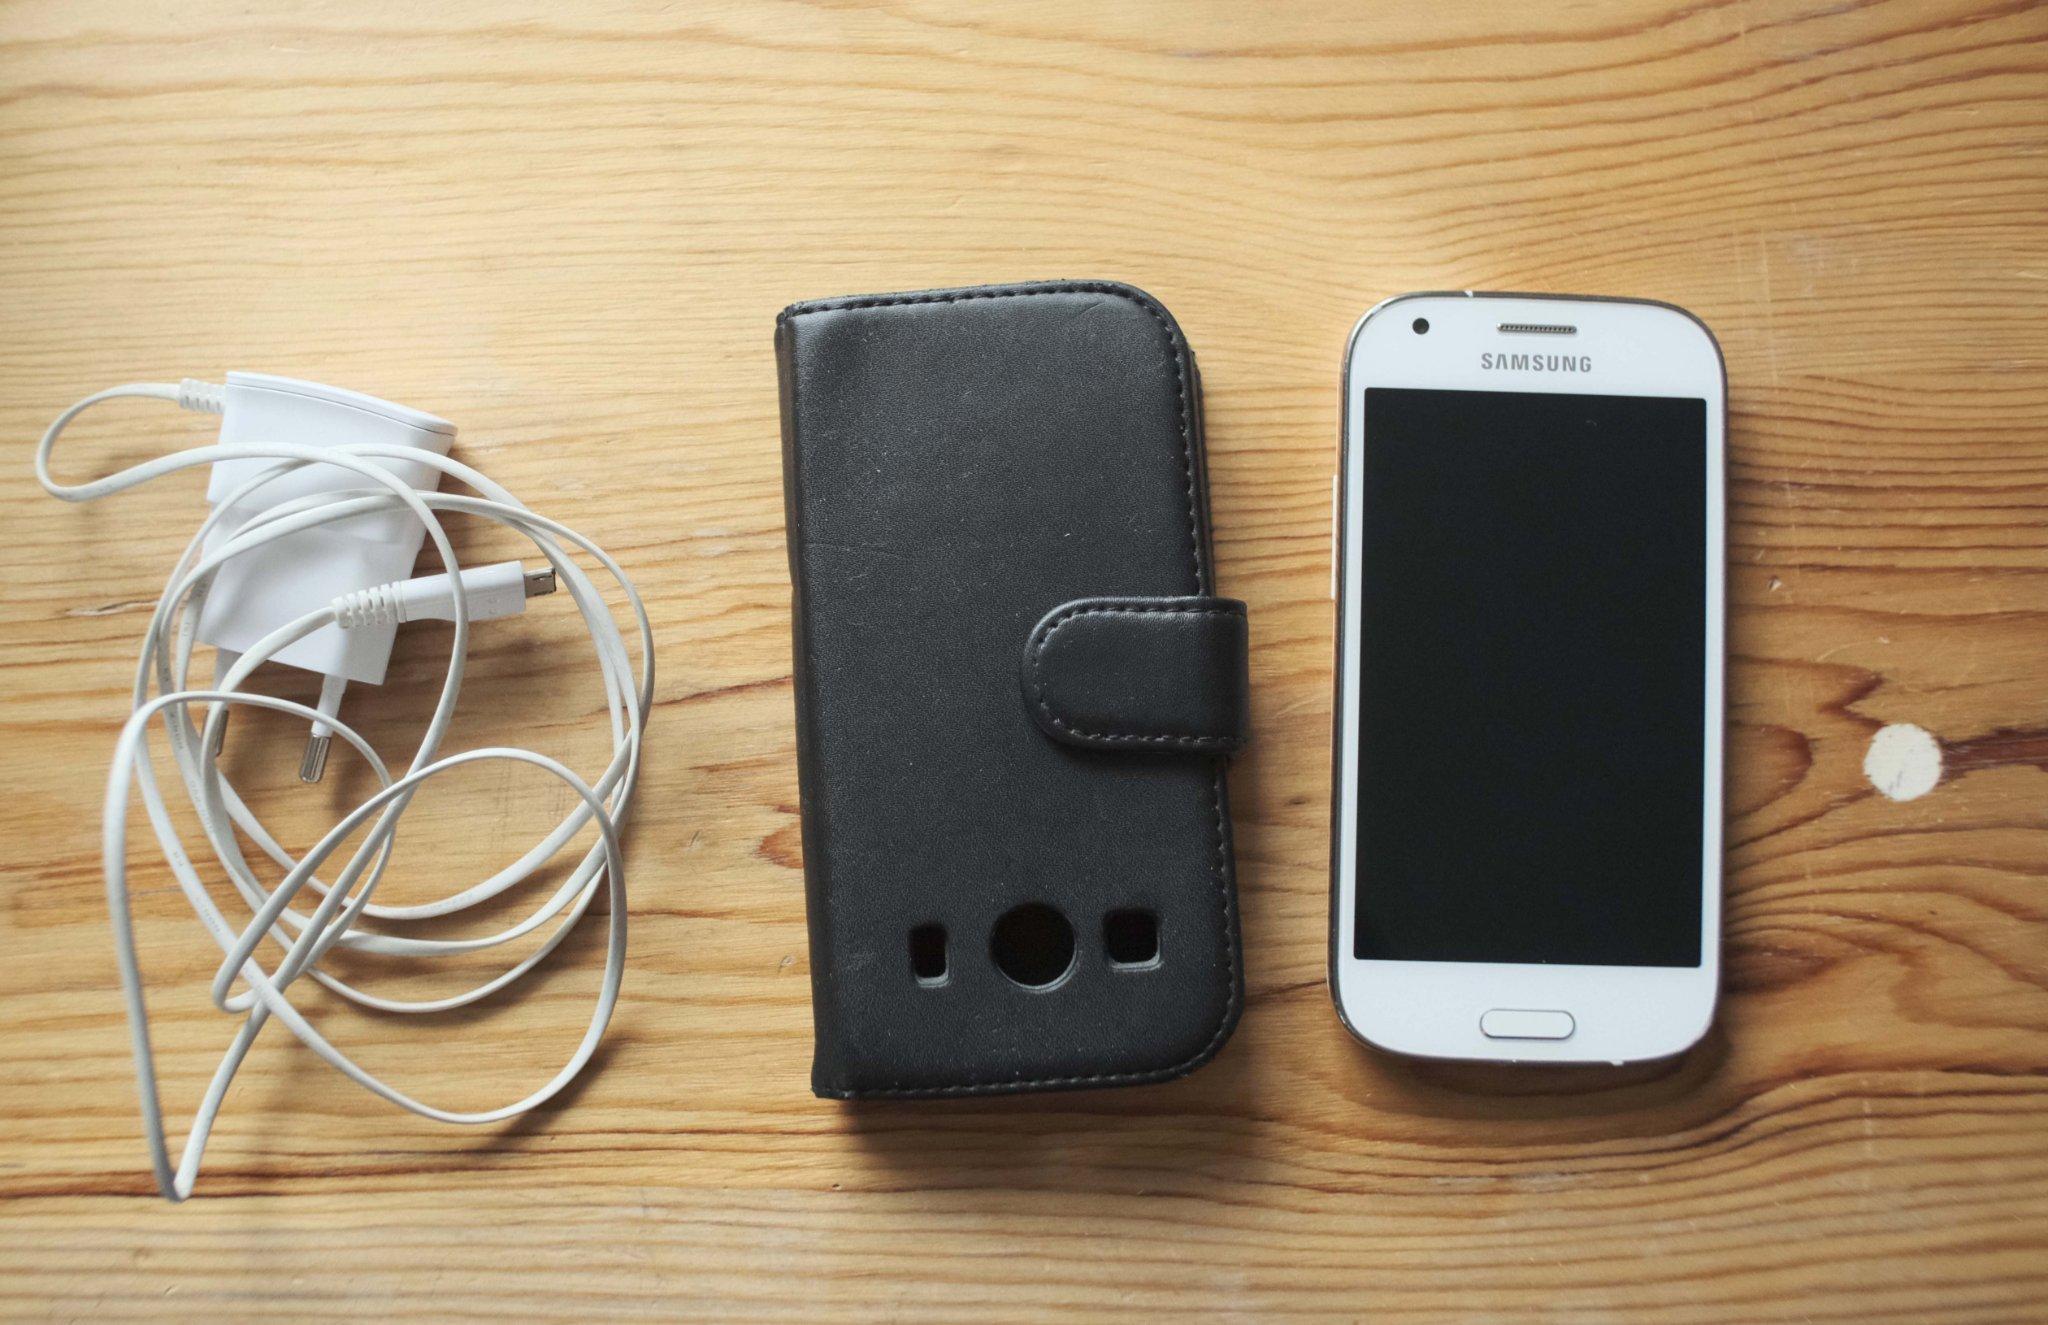 Samsung Galaxy Ace 4 komplett med original förpackning, laddare och fodral